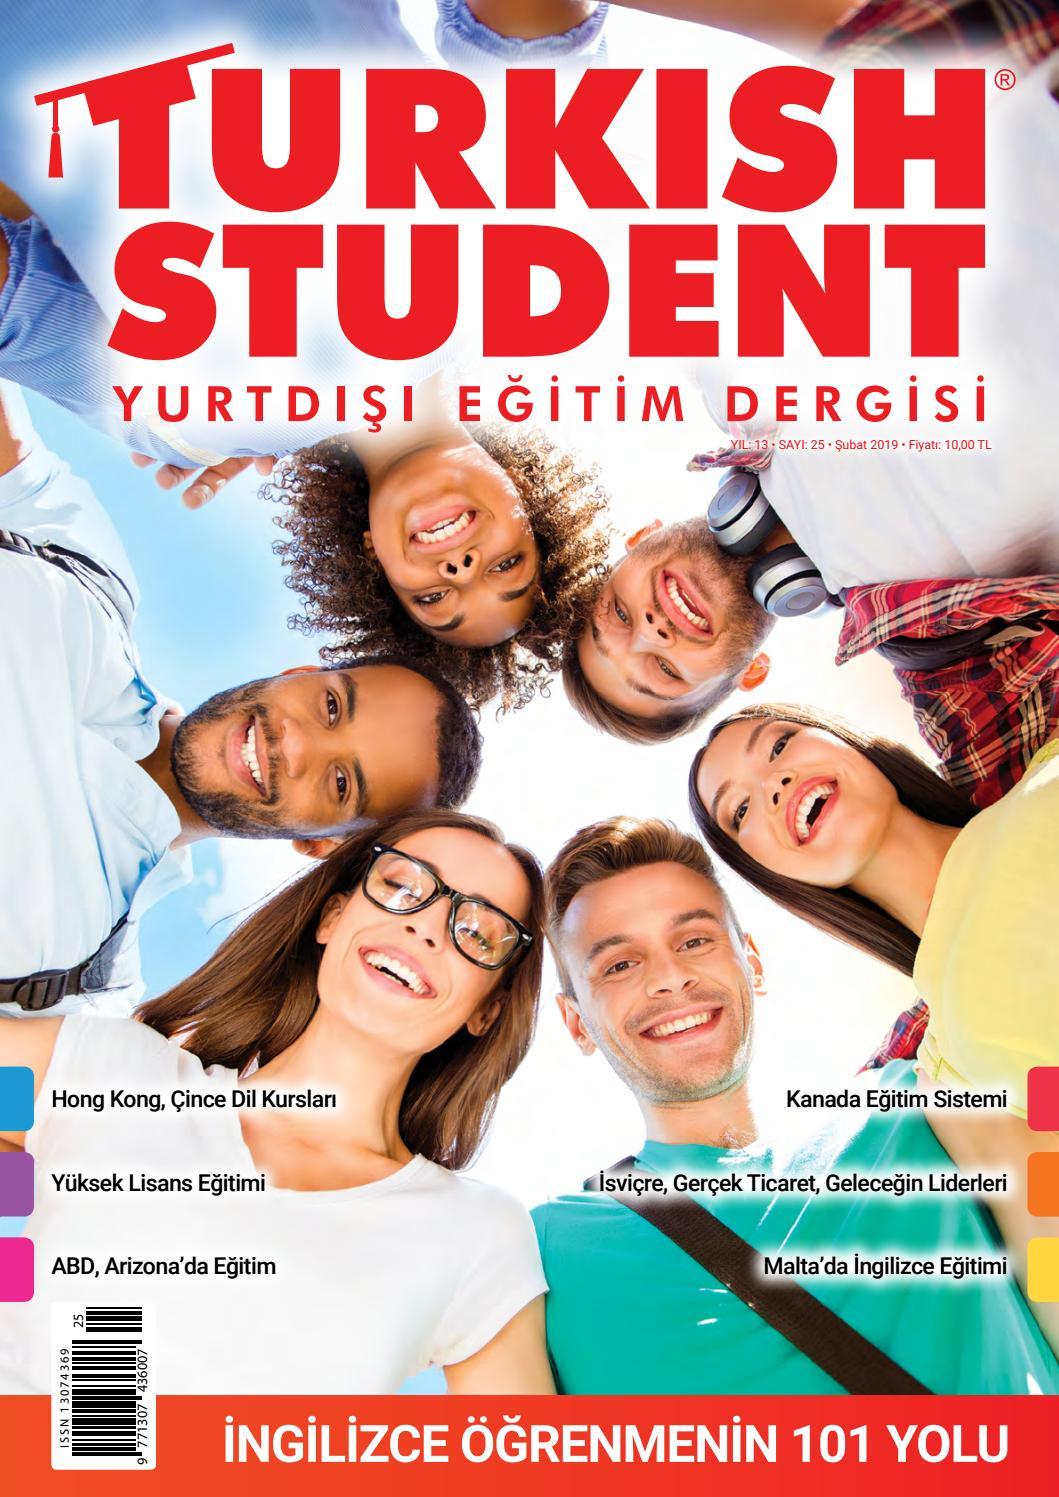 Turkish Student Yurtdışı Eğitim Dergisi Sayı25 By Ender Birer